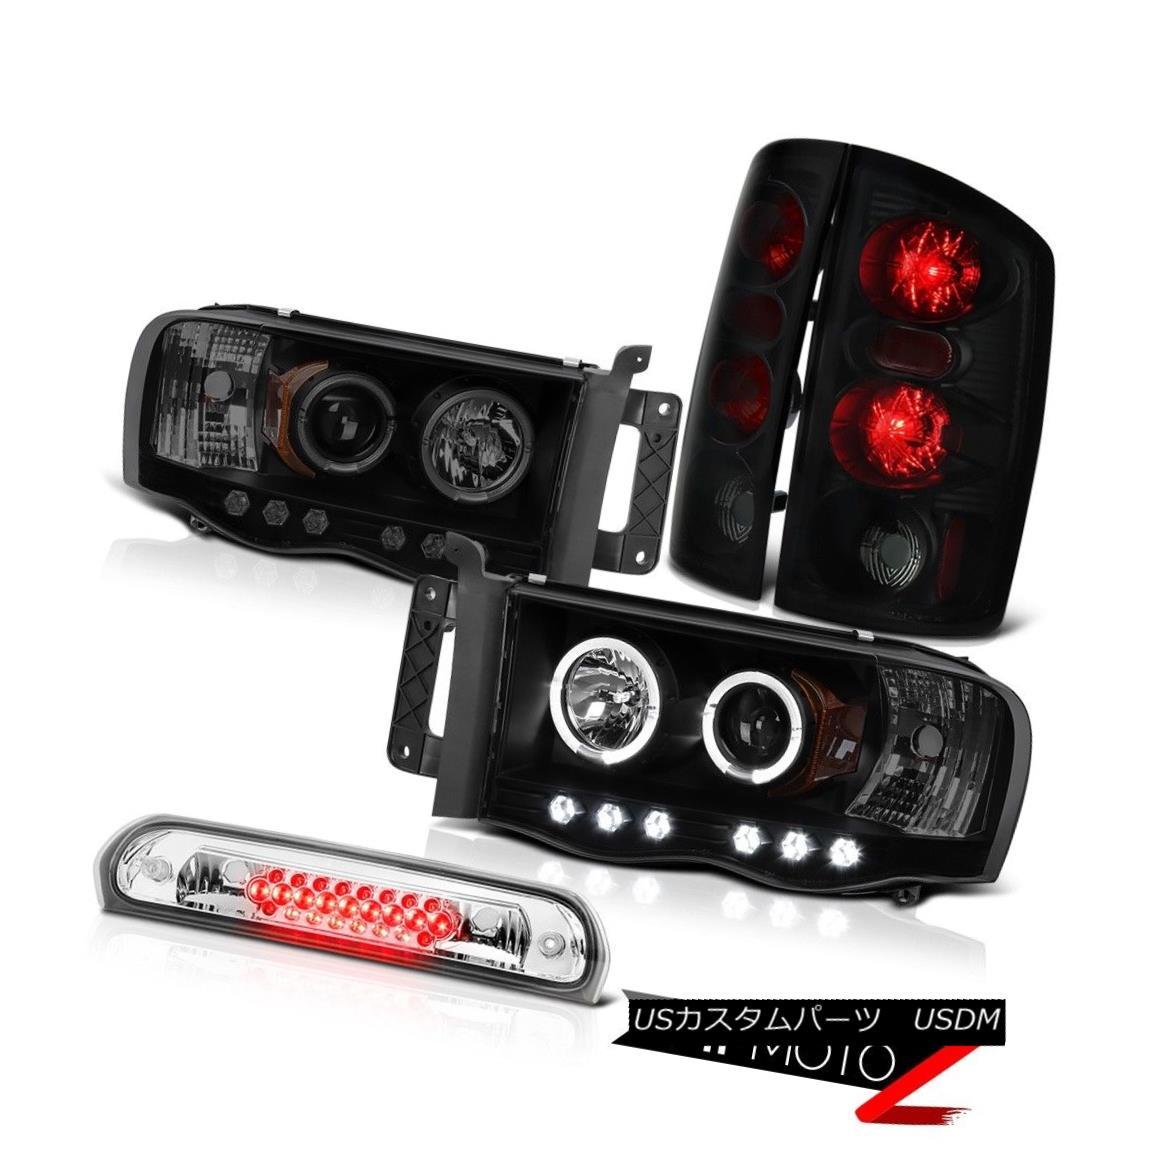 テールライト Halo LED Headlight Sinister Tail Light Roof Stop Clear 02 03 04 05 Ram Magnum V8 Halo LEDヘッドライト不快テールライトルーフストップクリア02 03 04 05ラムマグナムV8